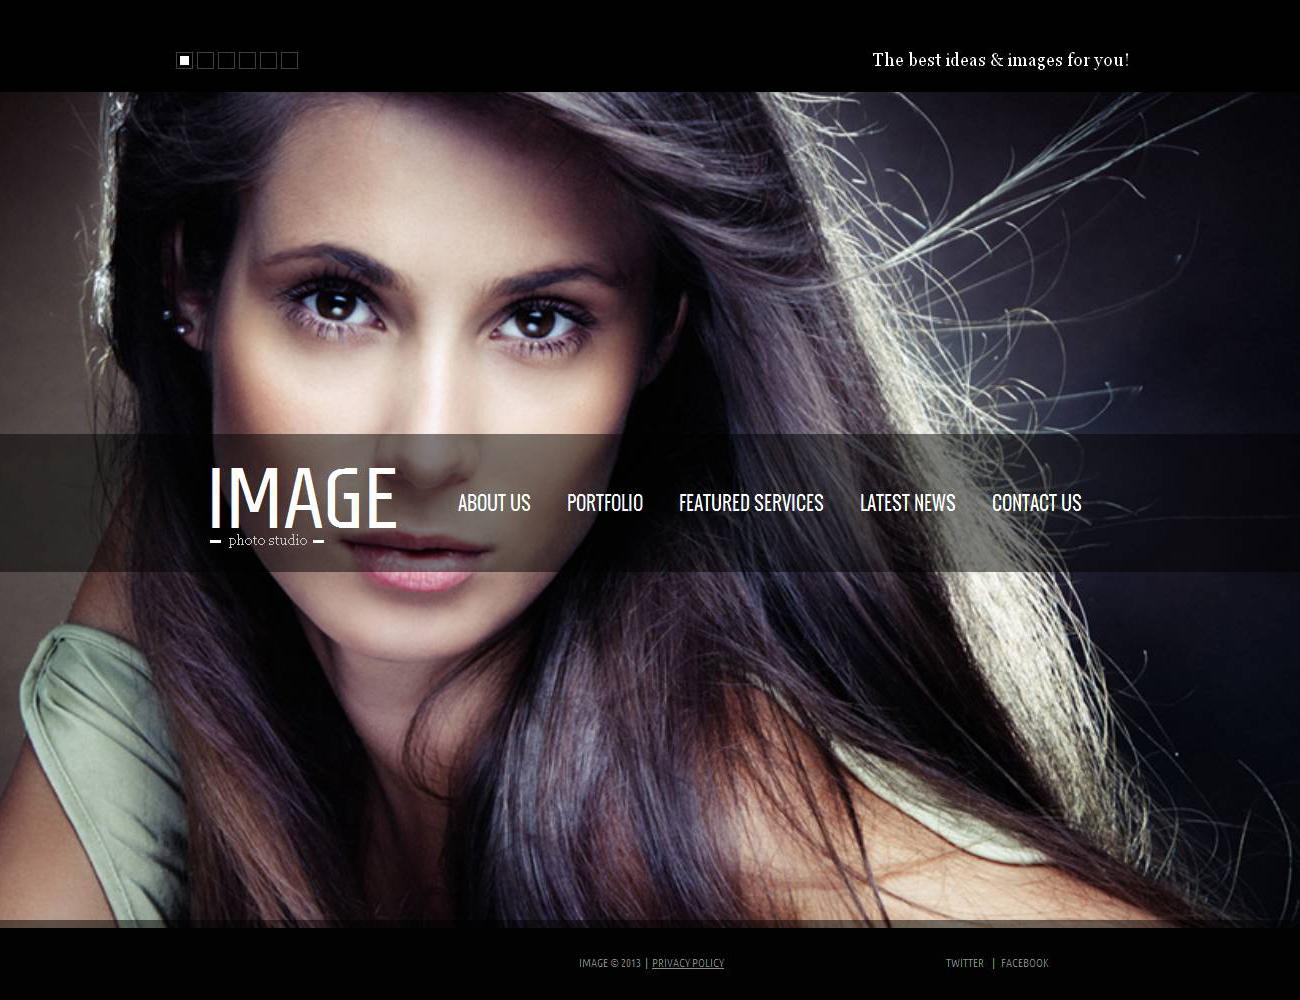 Plantilla Para Galería De Fotos #44318 para Sitio de Estudios fotográficos - captura de pantalla